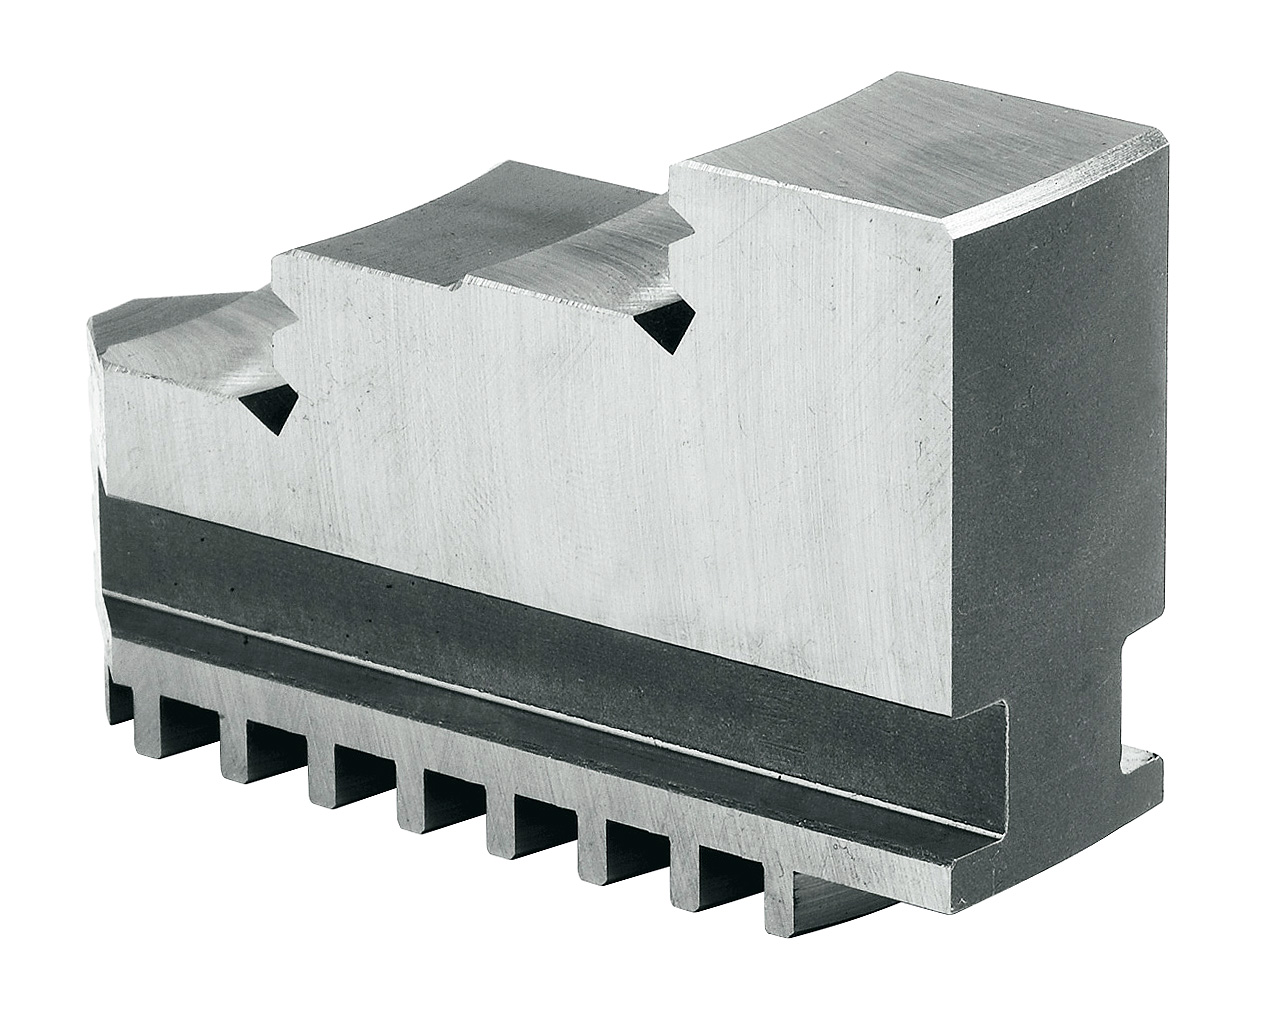 Szczęki jednolite twarde wewnętrzne - komplet IJ-PS4-200 BERNARDO